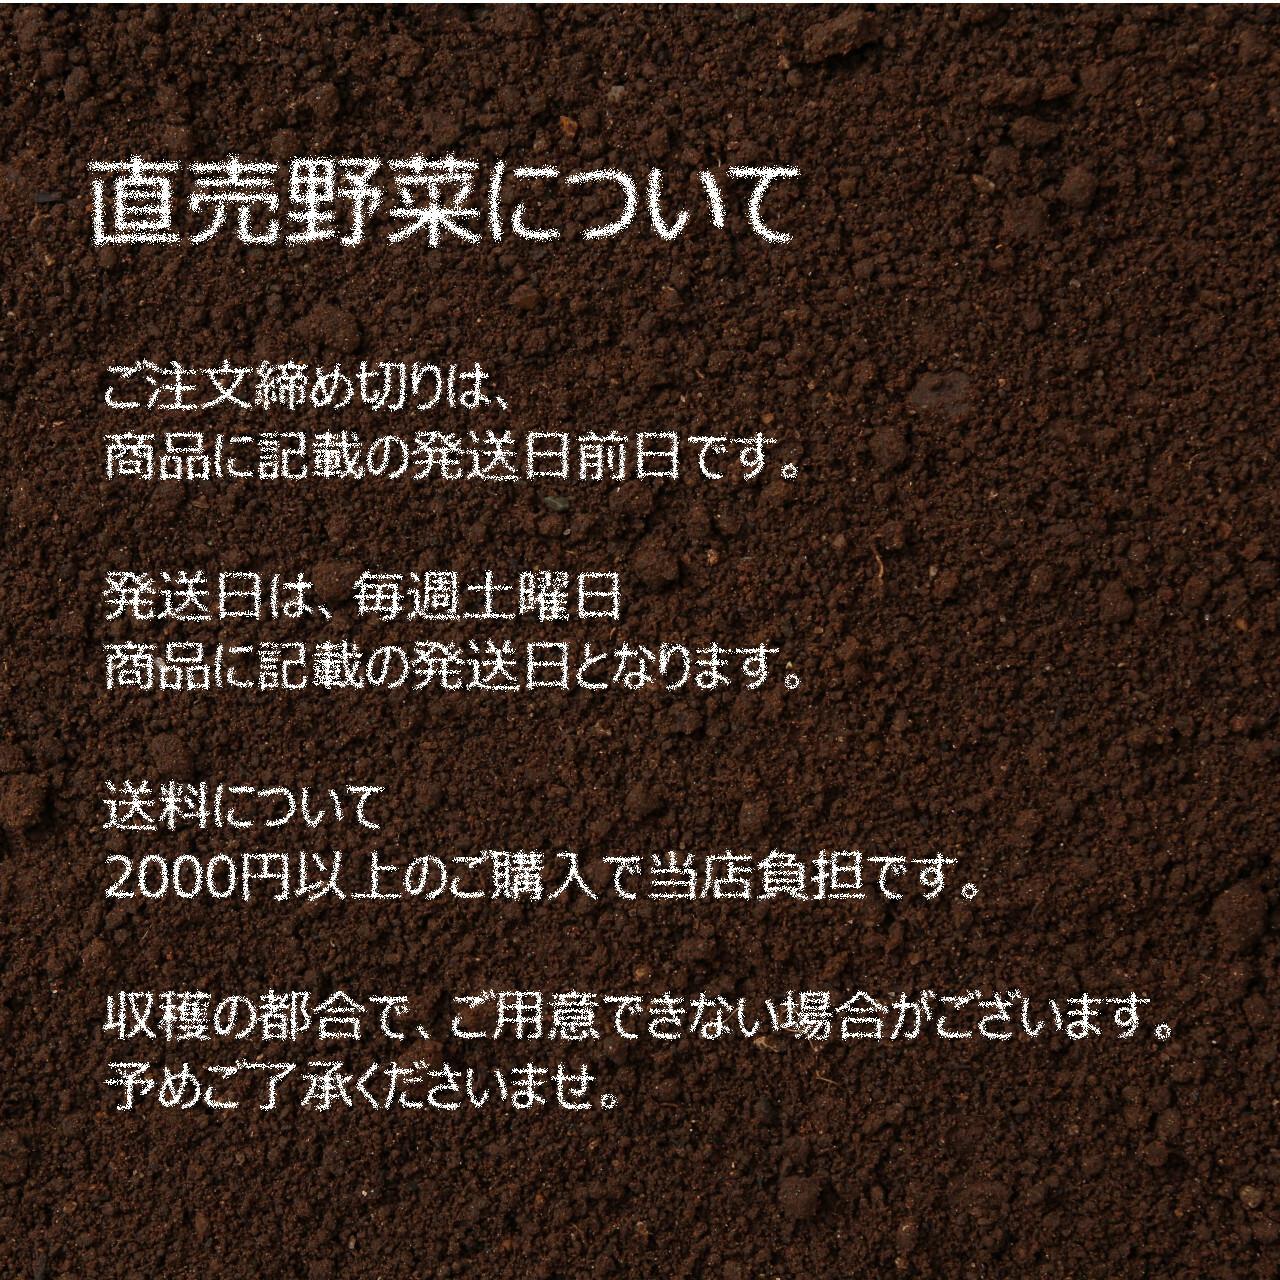 7月の新鮮野菜 : ニラ 約200g 朝採り直売野菜 7月4日発送予定